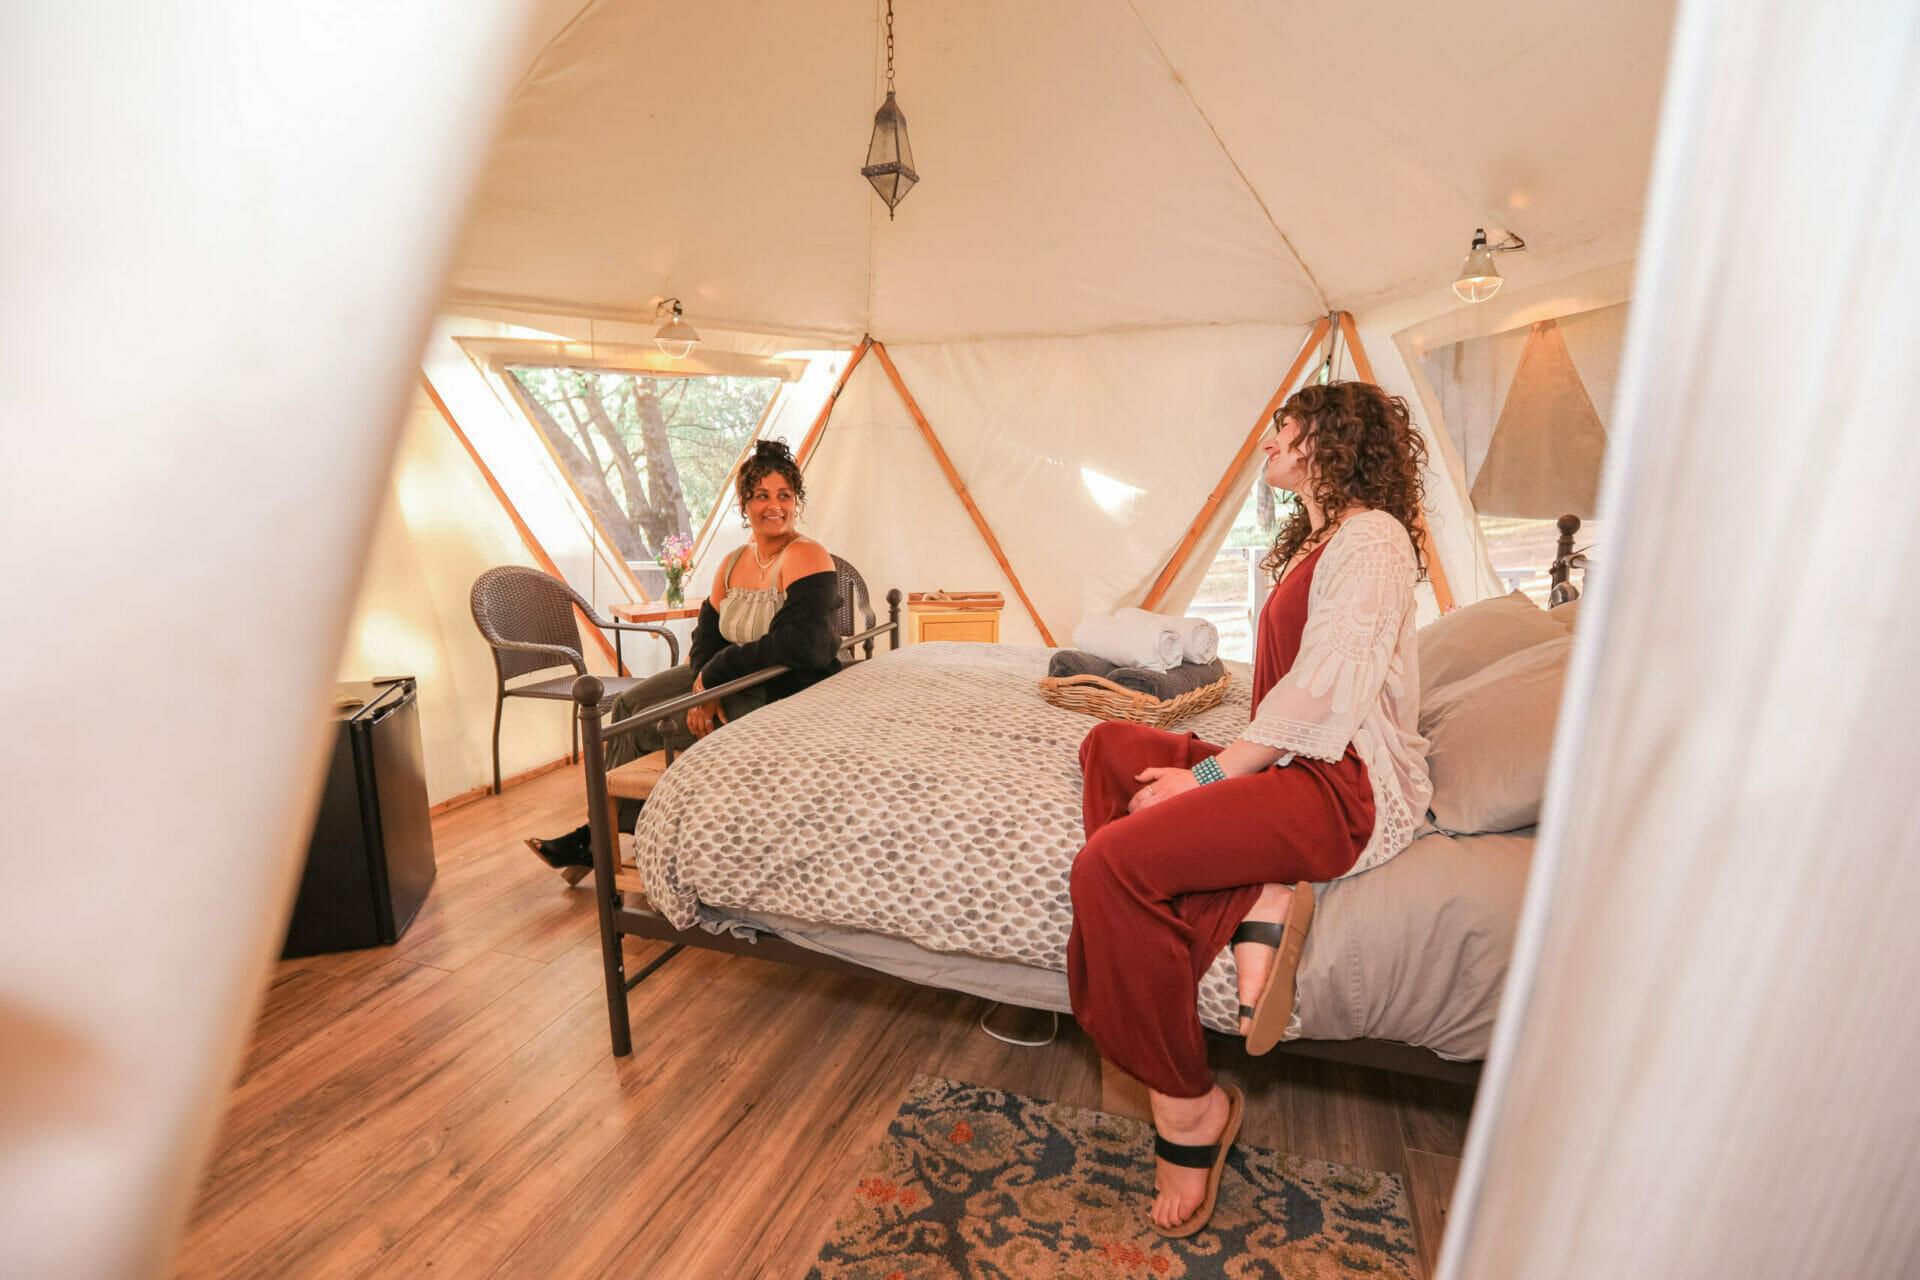 Reverie retreat inside yurt two woman speaking